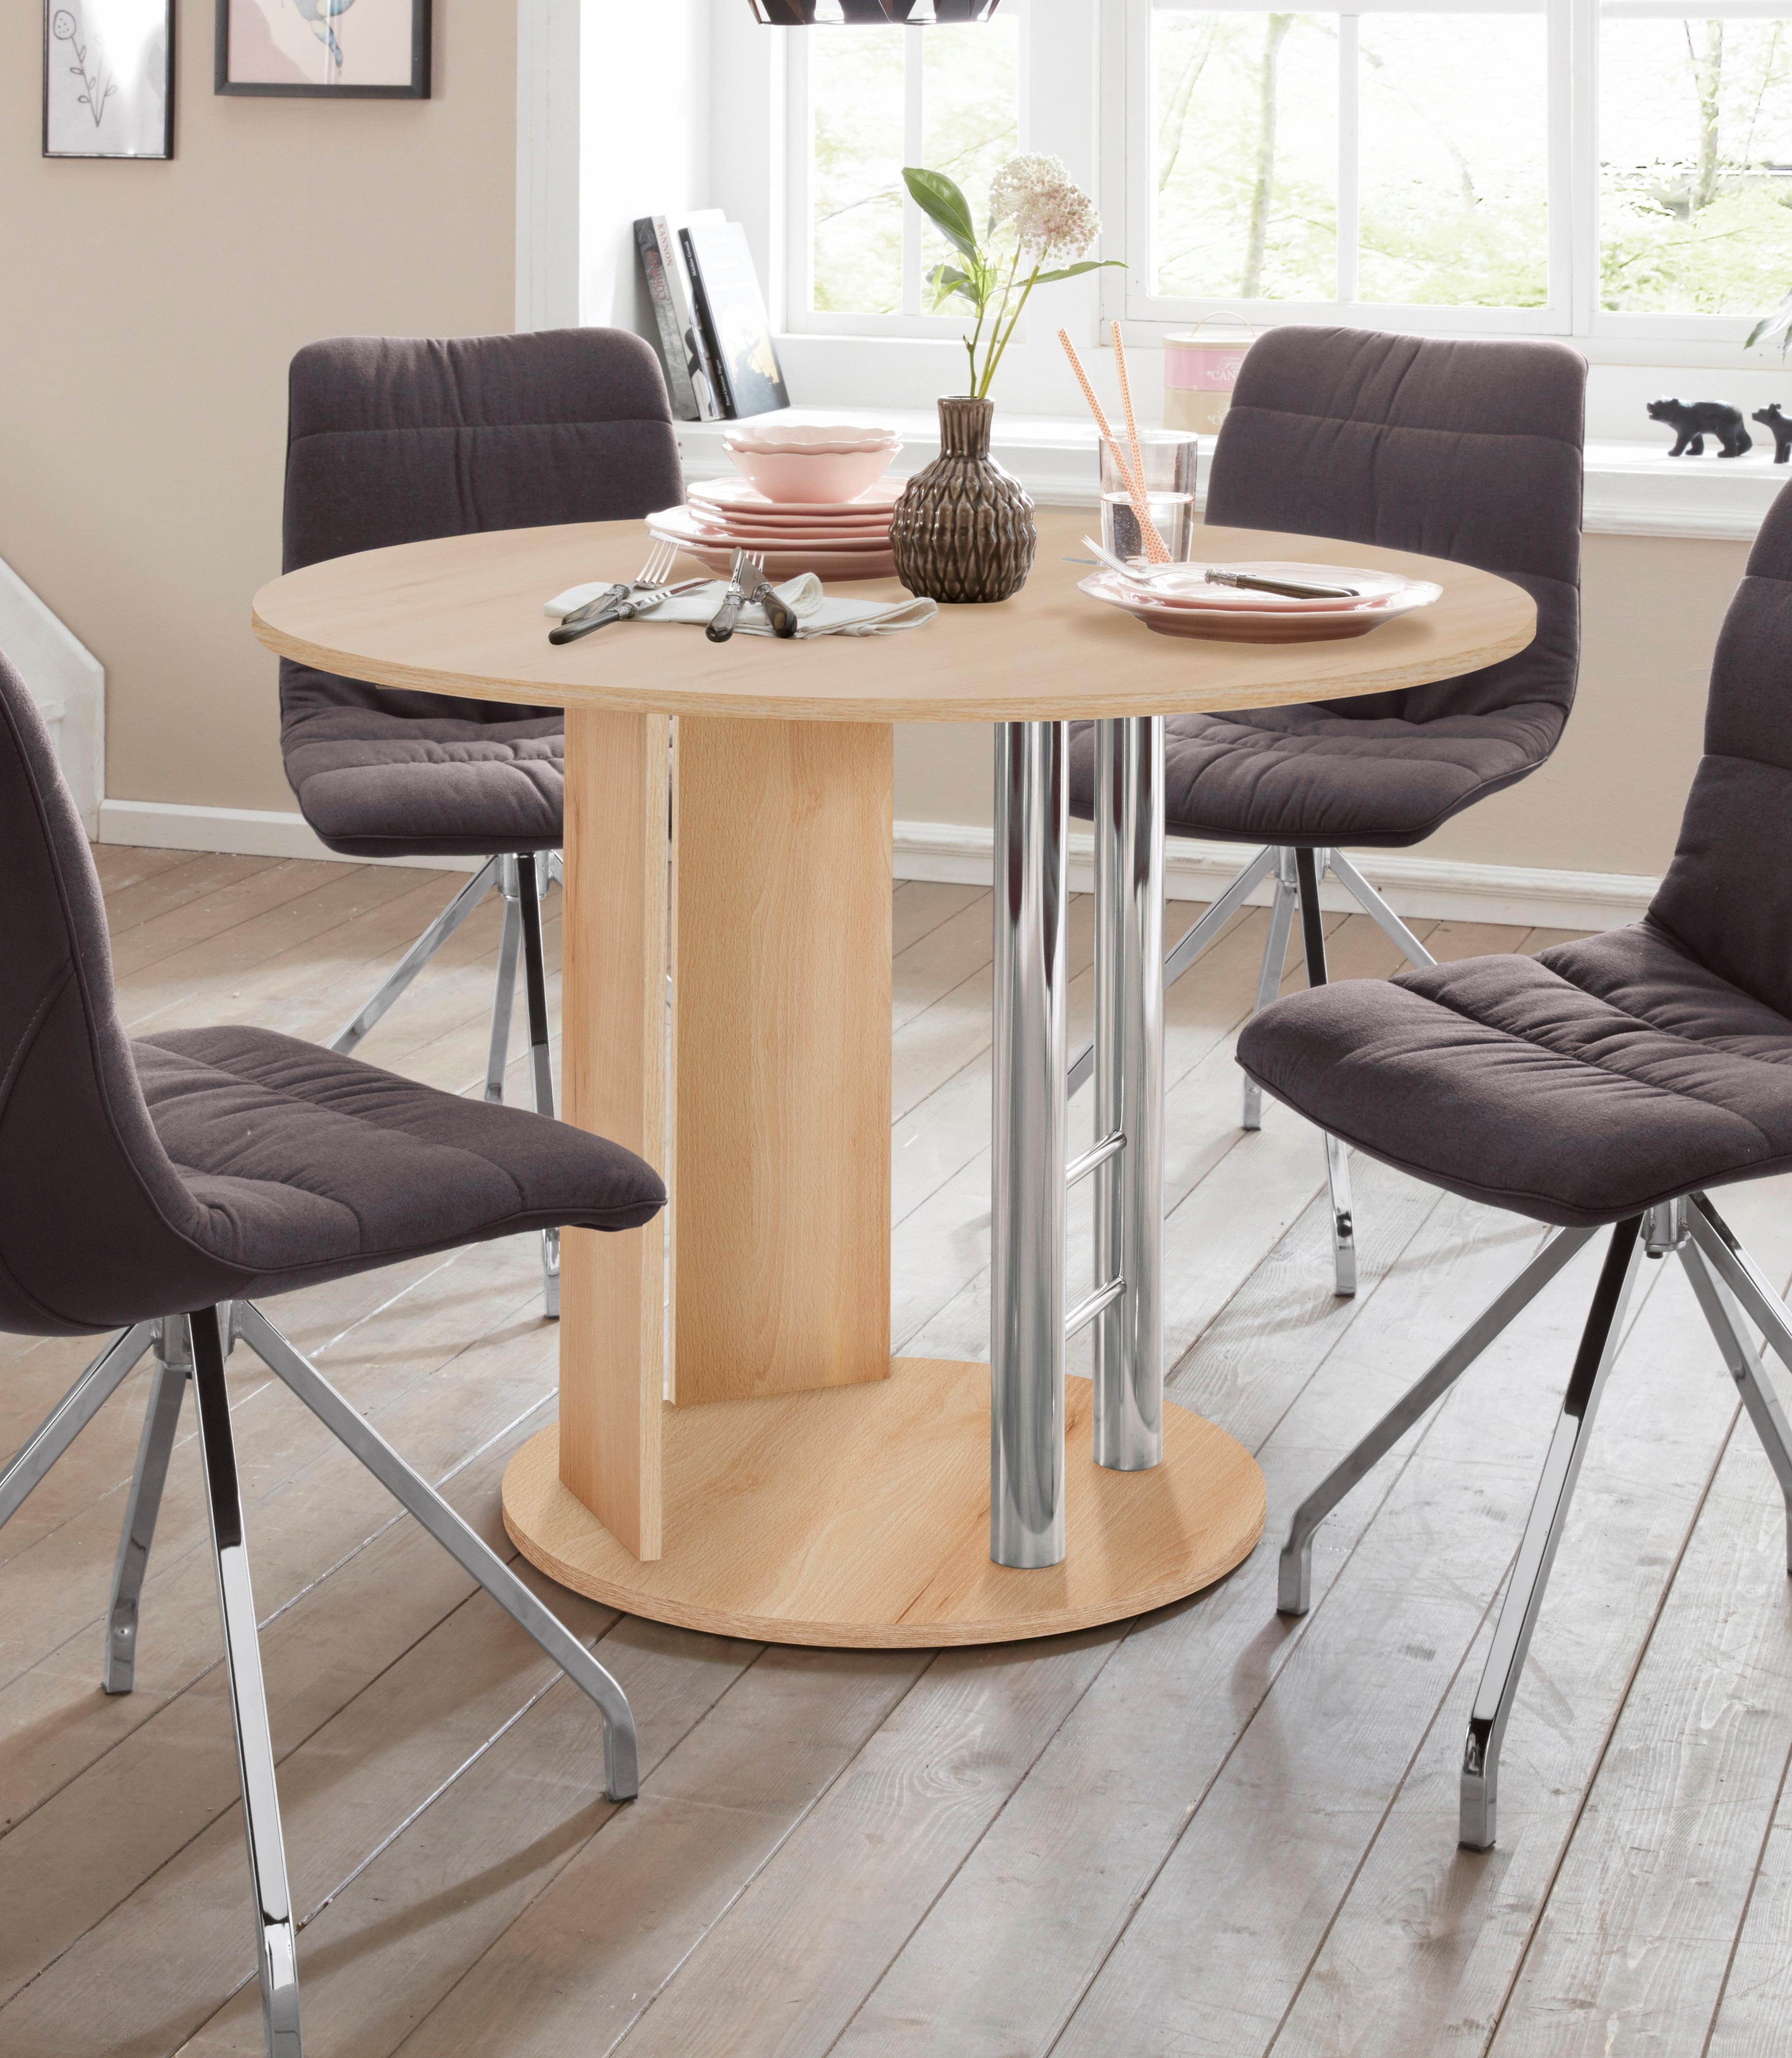 Säulen-Esstisch Rondell Wohnen/Möbel/Tische/Esstische/Säulentische